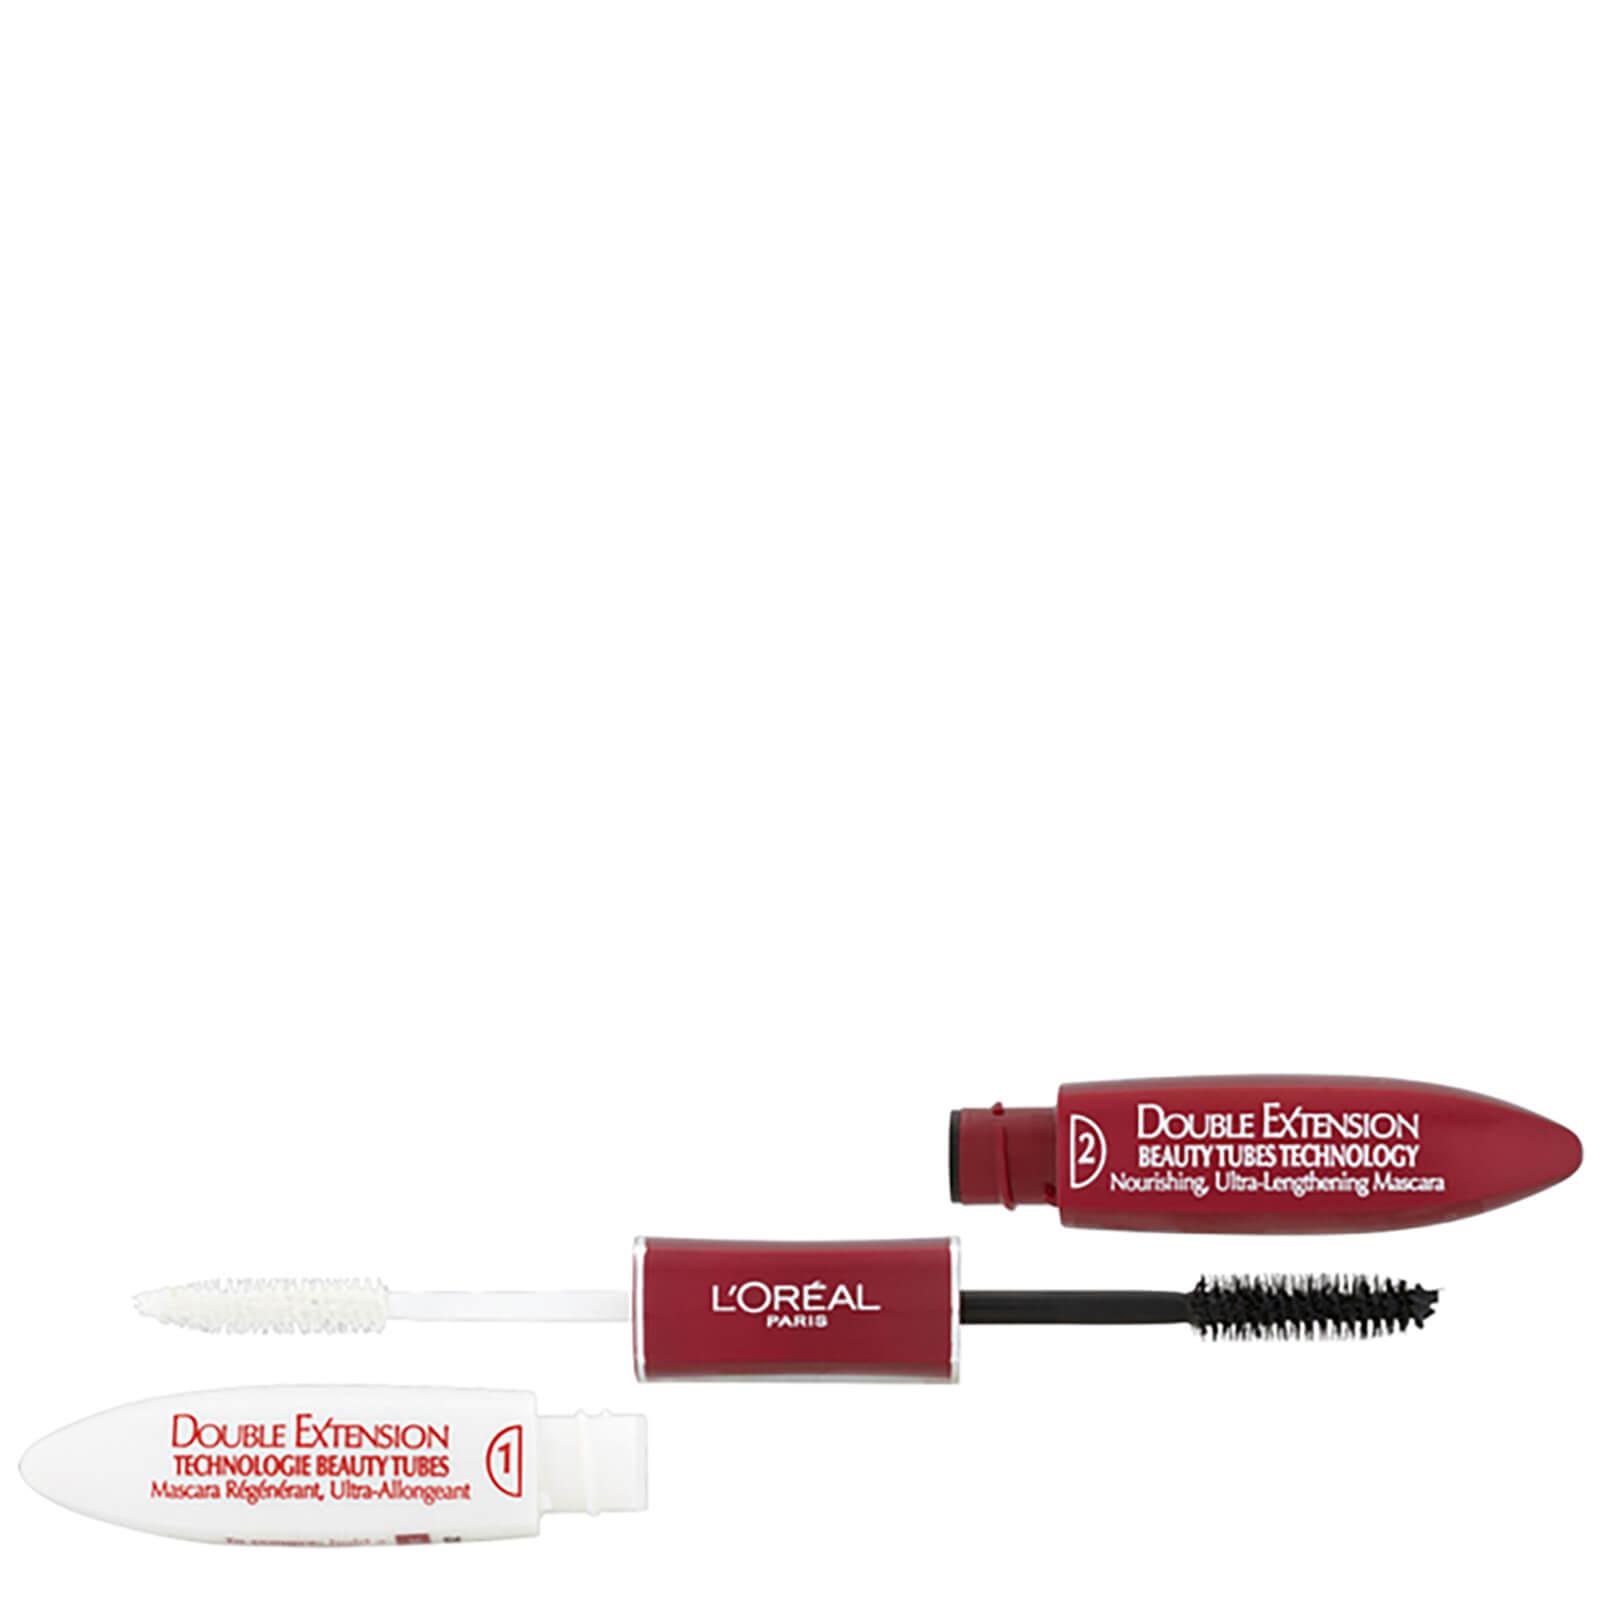 Купить Удлиняющая тушь для ресниц L'Oréal Paris Double Extension Beauty Tube Mascara - Black